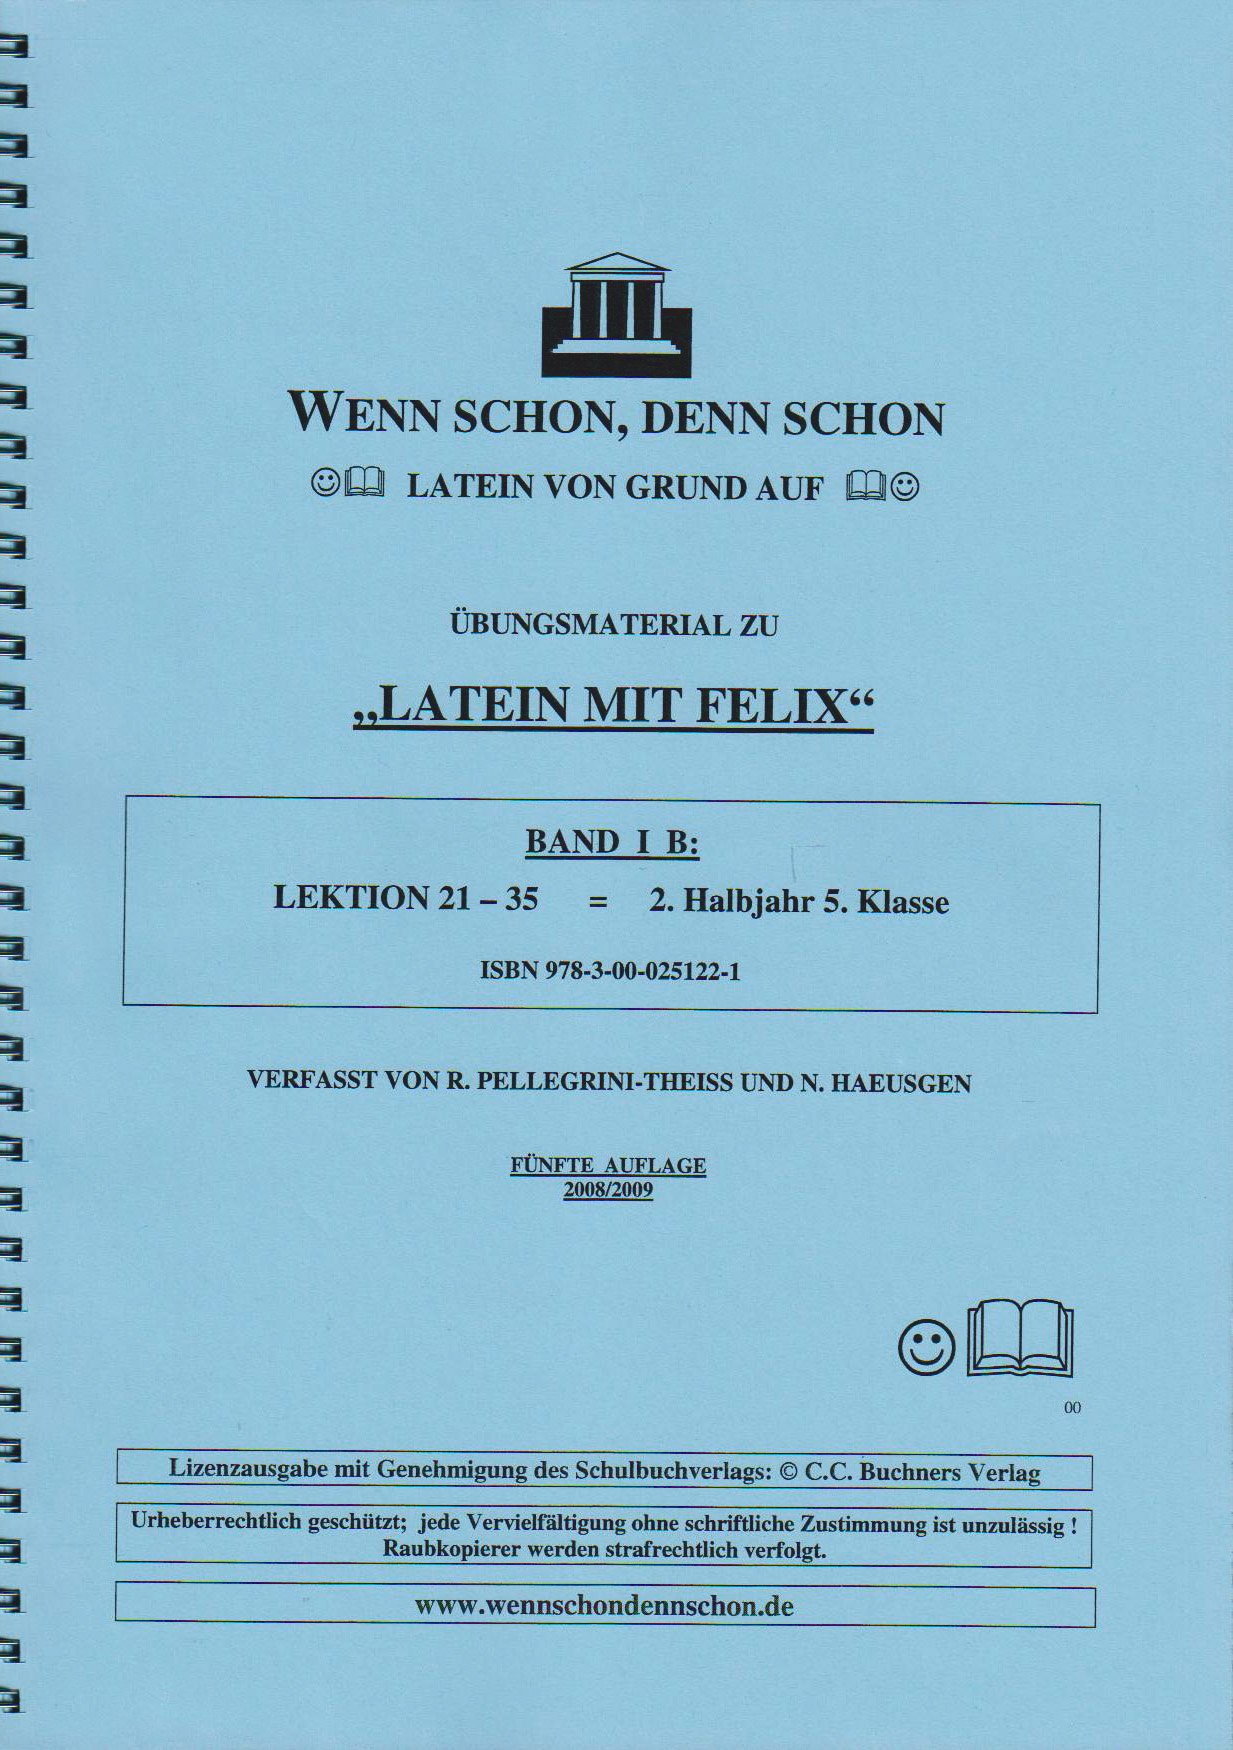 Wenn schon, denn schon - Latein von Grund auf. Band 1 B: Übungsmaterial fürLatein mit Felix. Lektion 21-35. Mit Lösungsheft